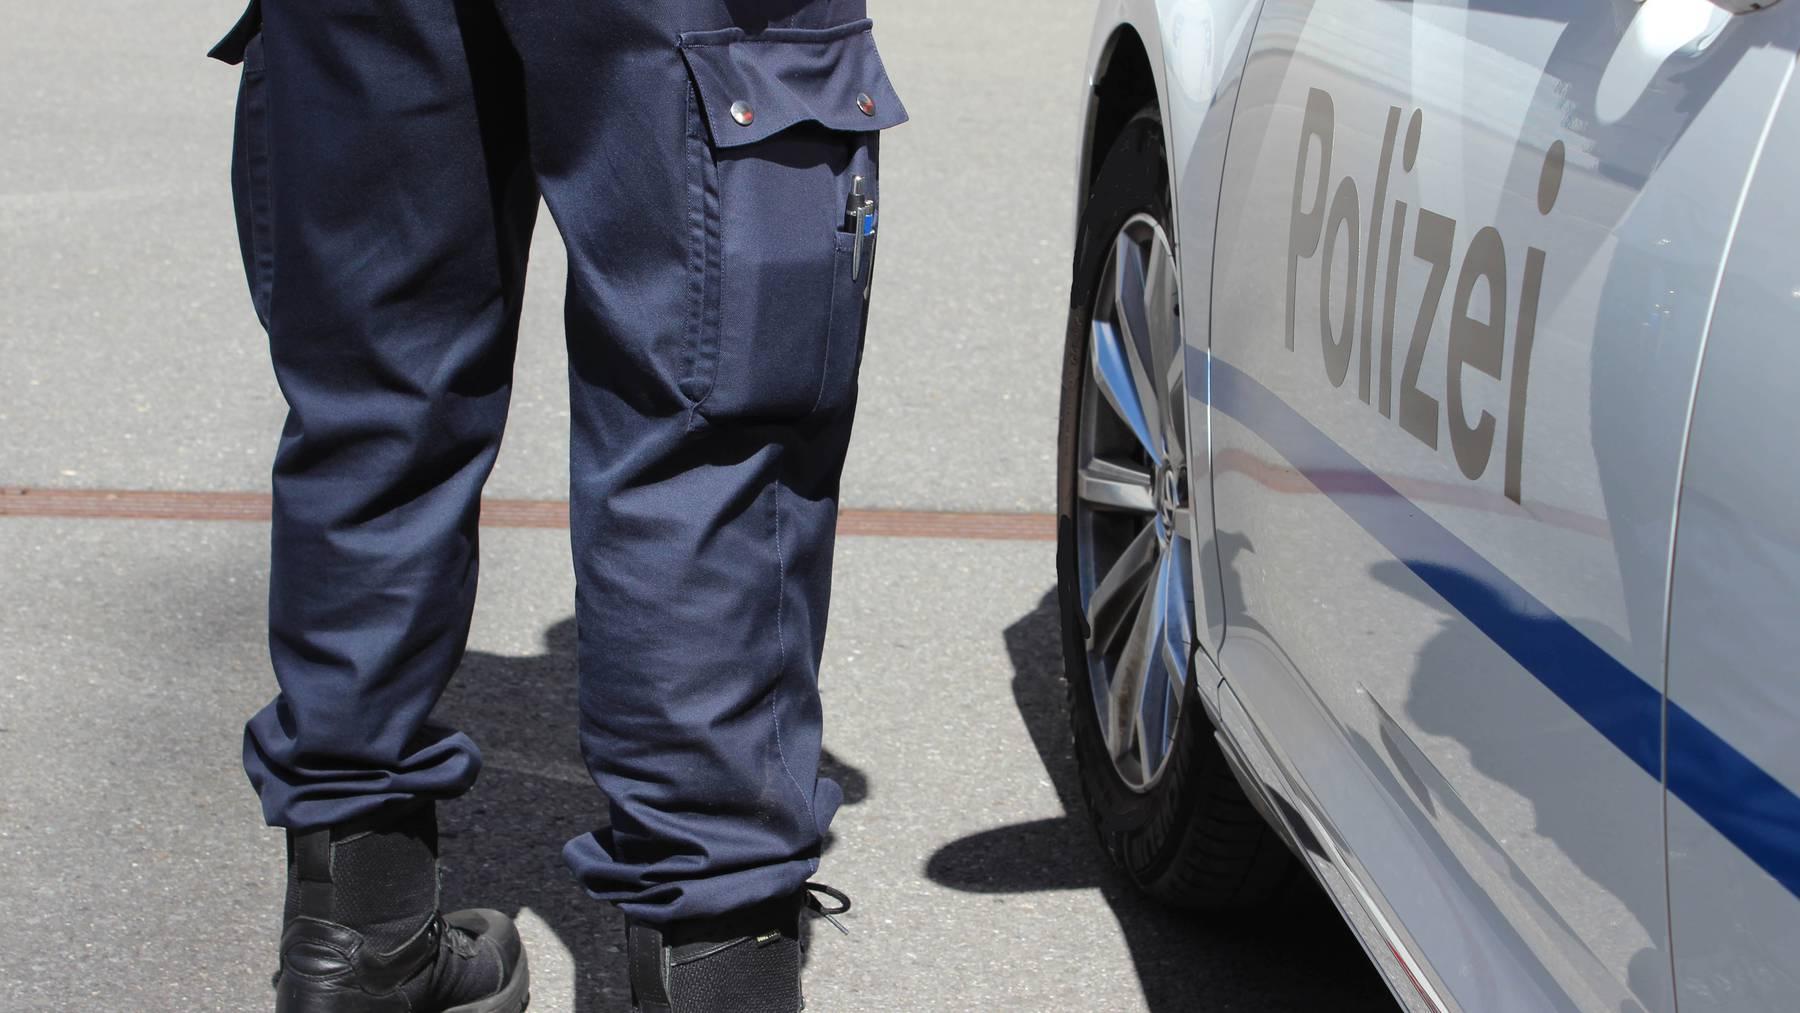 Baar: Geisterfahrer auf der Autobahn gestoppt